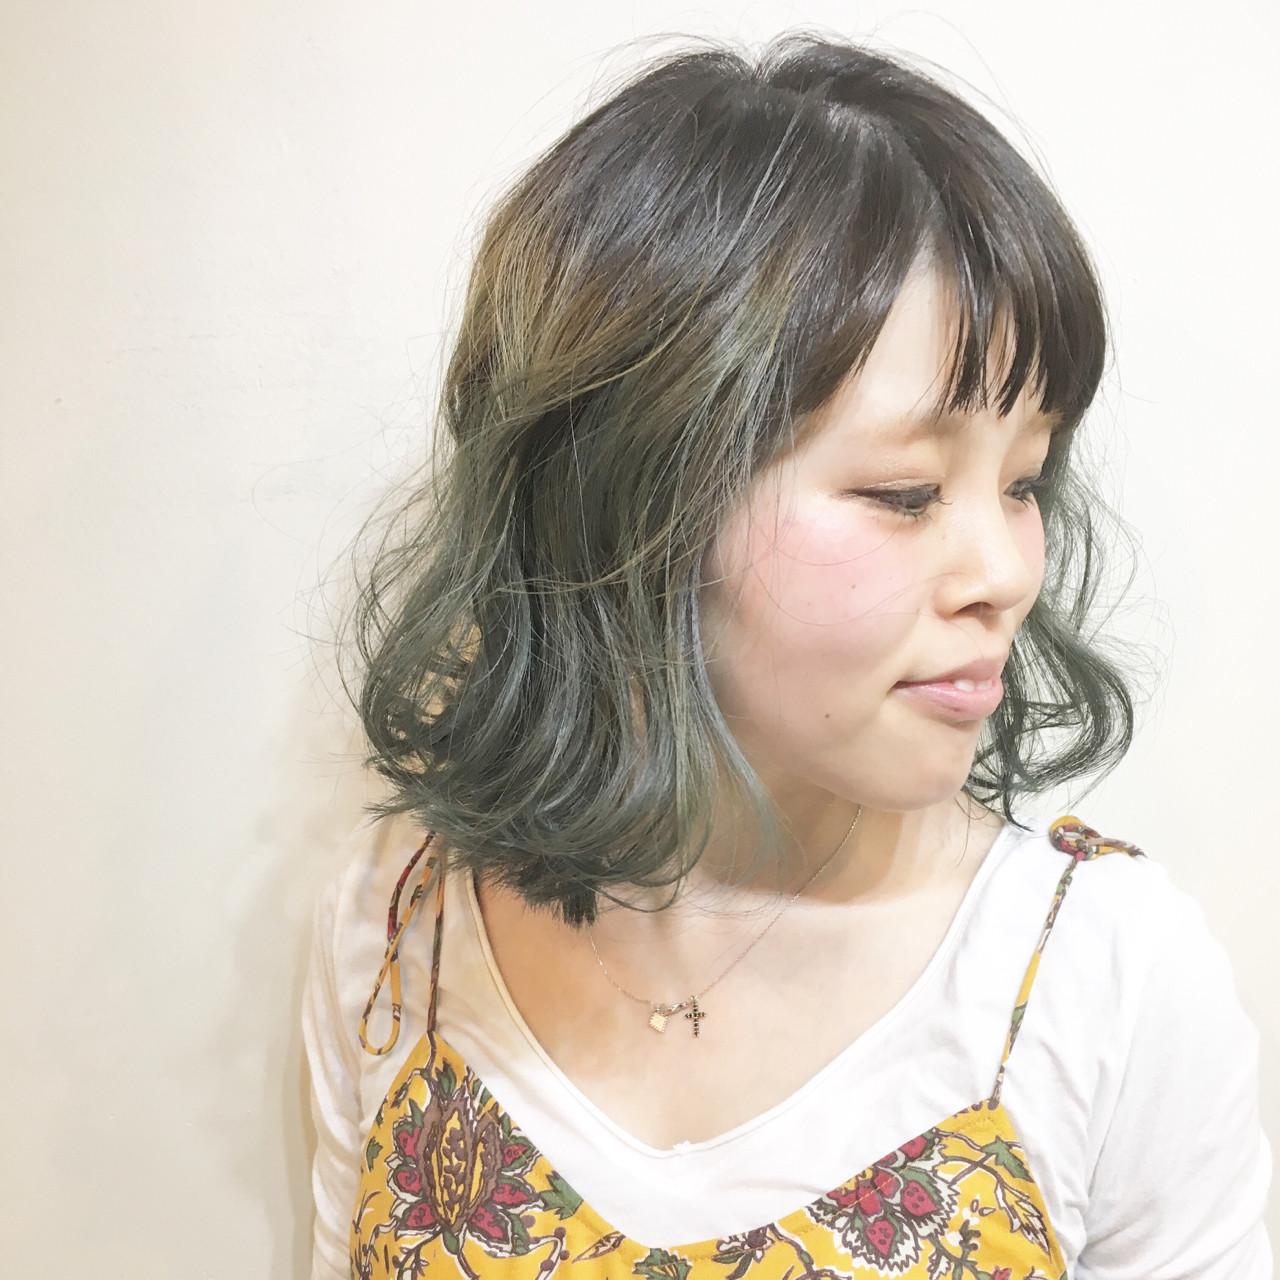 色気 フリンジバング ウルフカット ストリート ヘアスタイルや髪型の写真・画像 | COM PASS タイチ / COM PASS